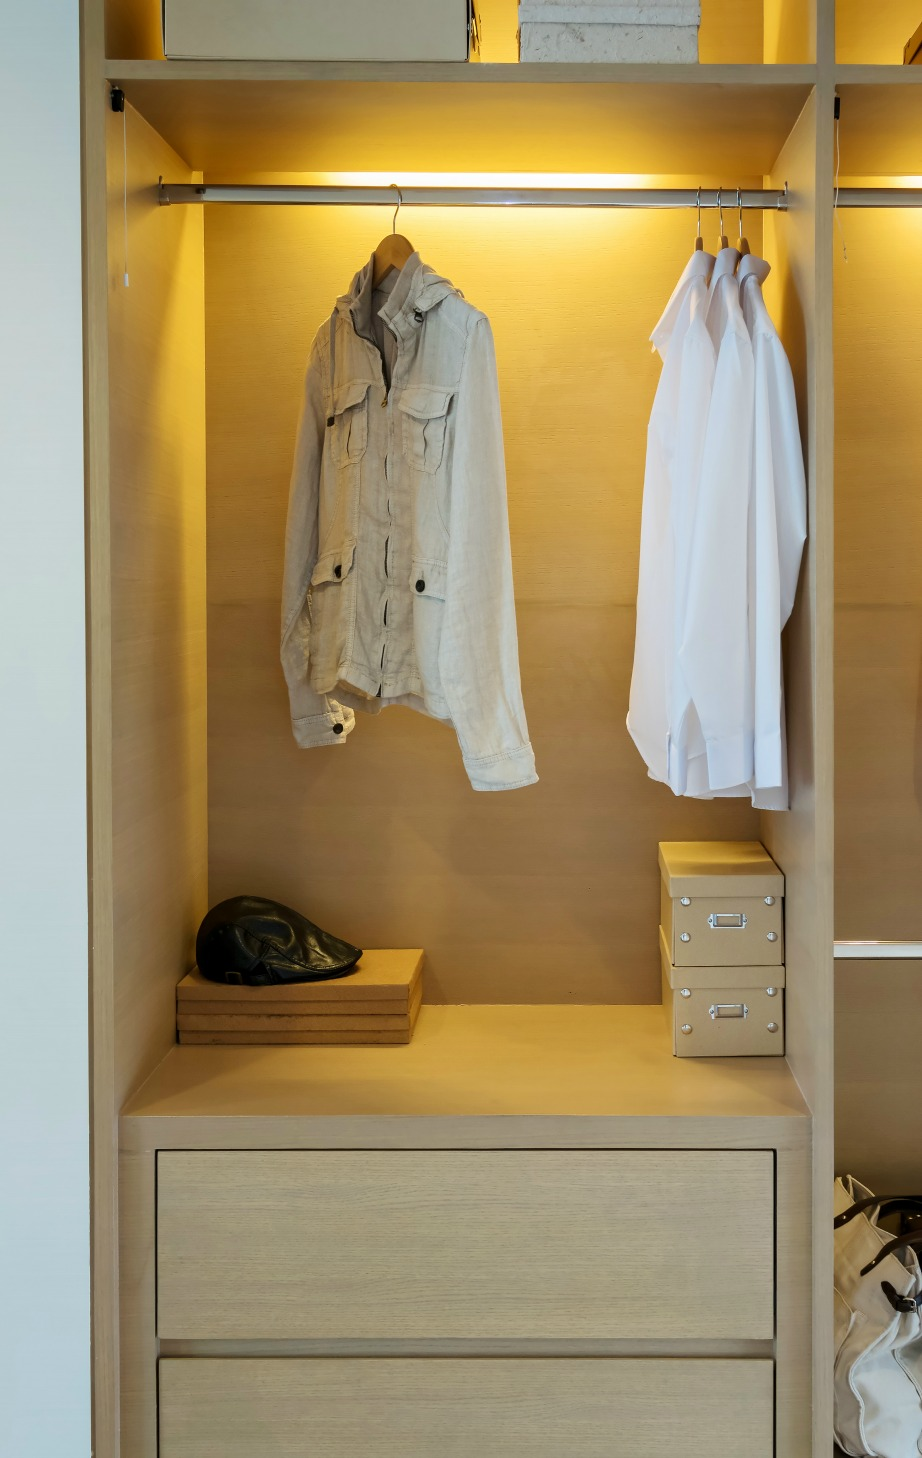 Για να βρίσκετε τα αγαπημένα σας ρούχα και μέσα στο σκοτάδι